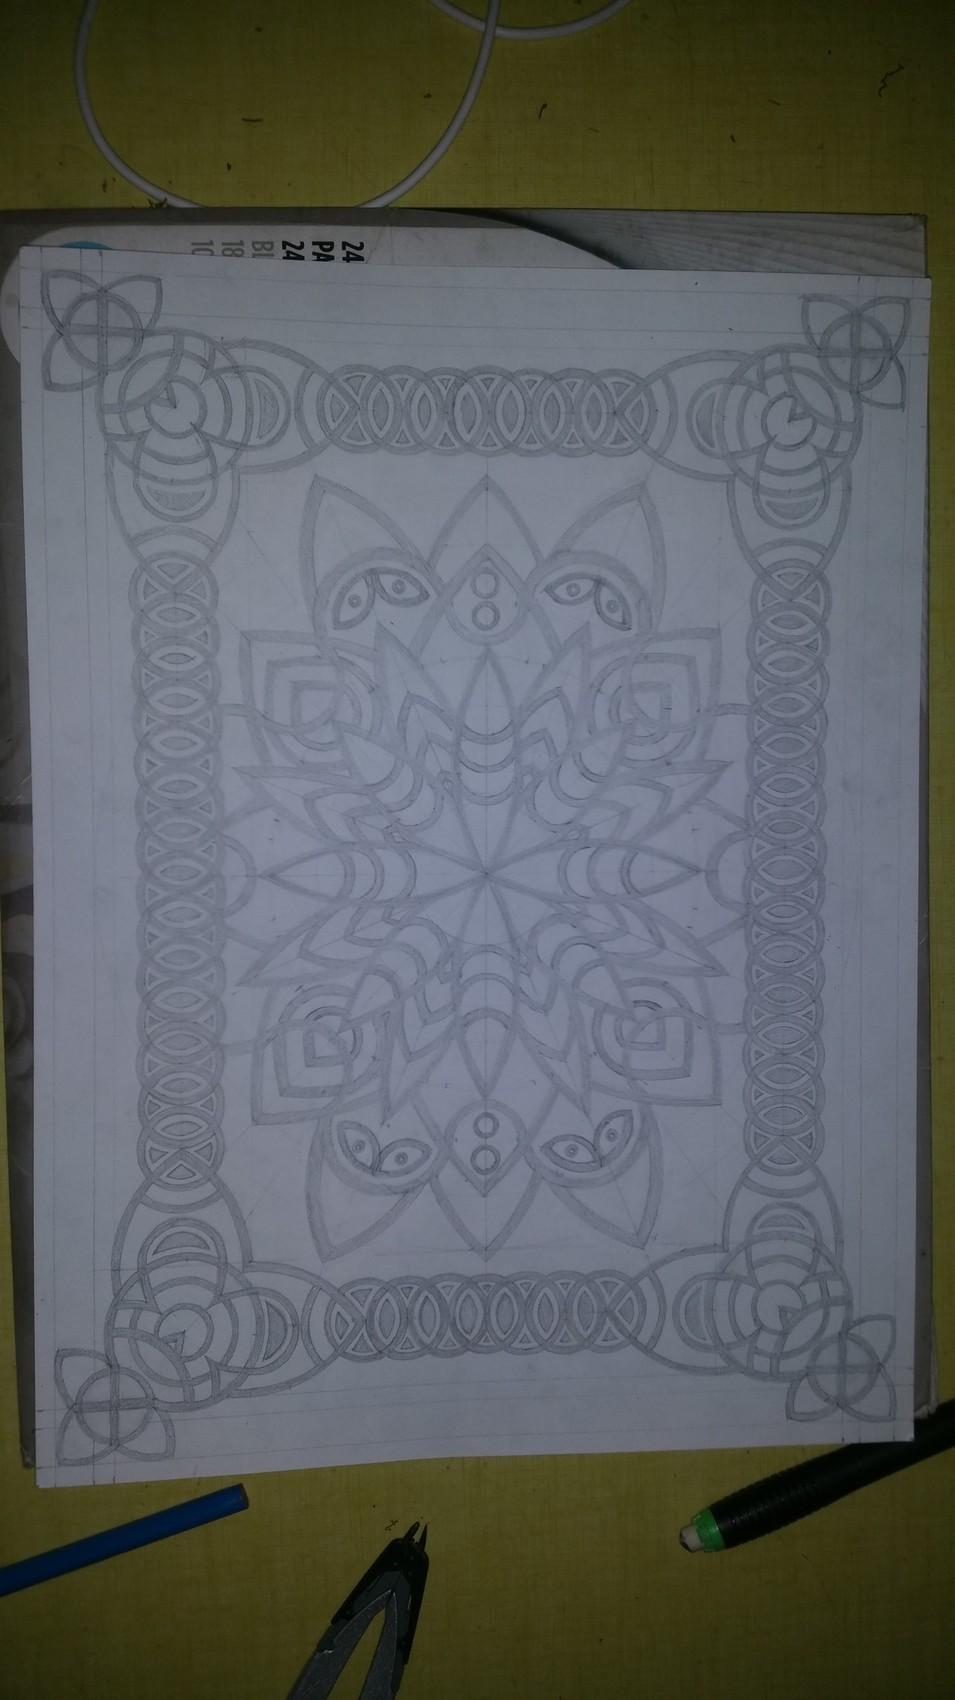 Work in progress 2